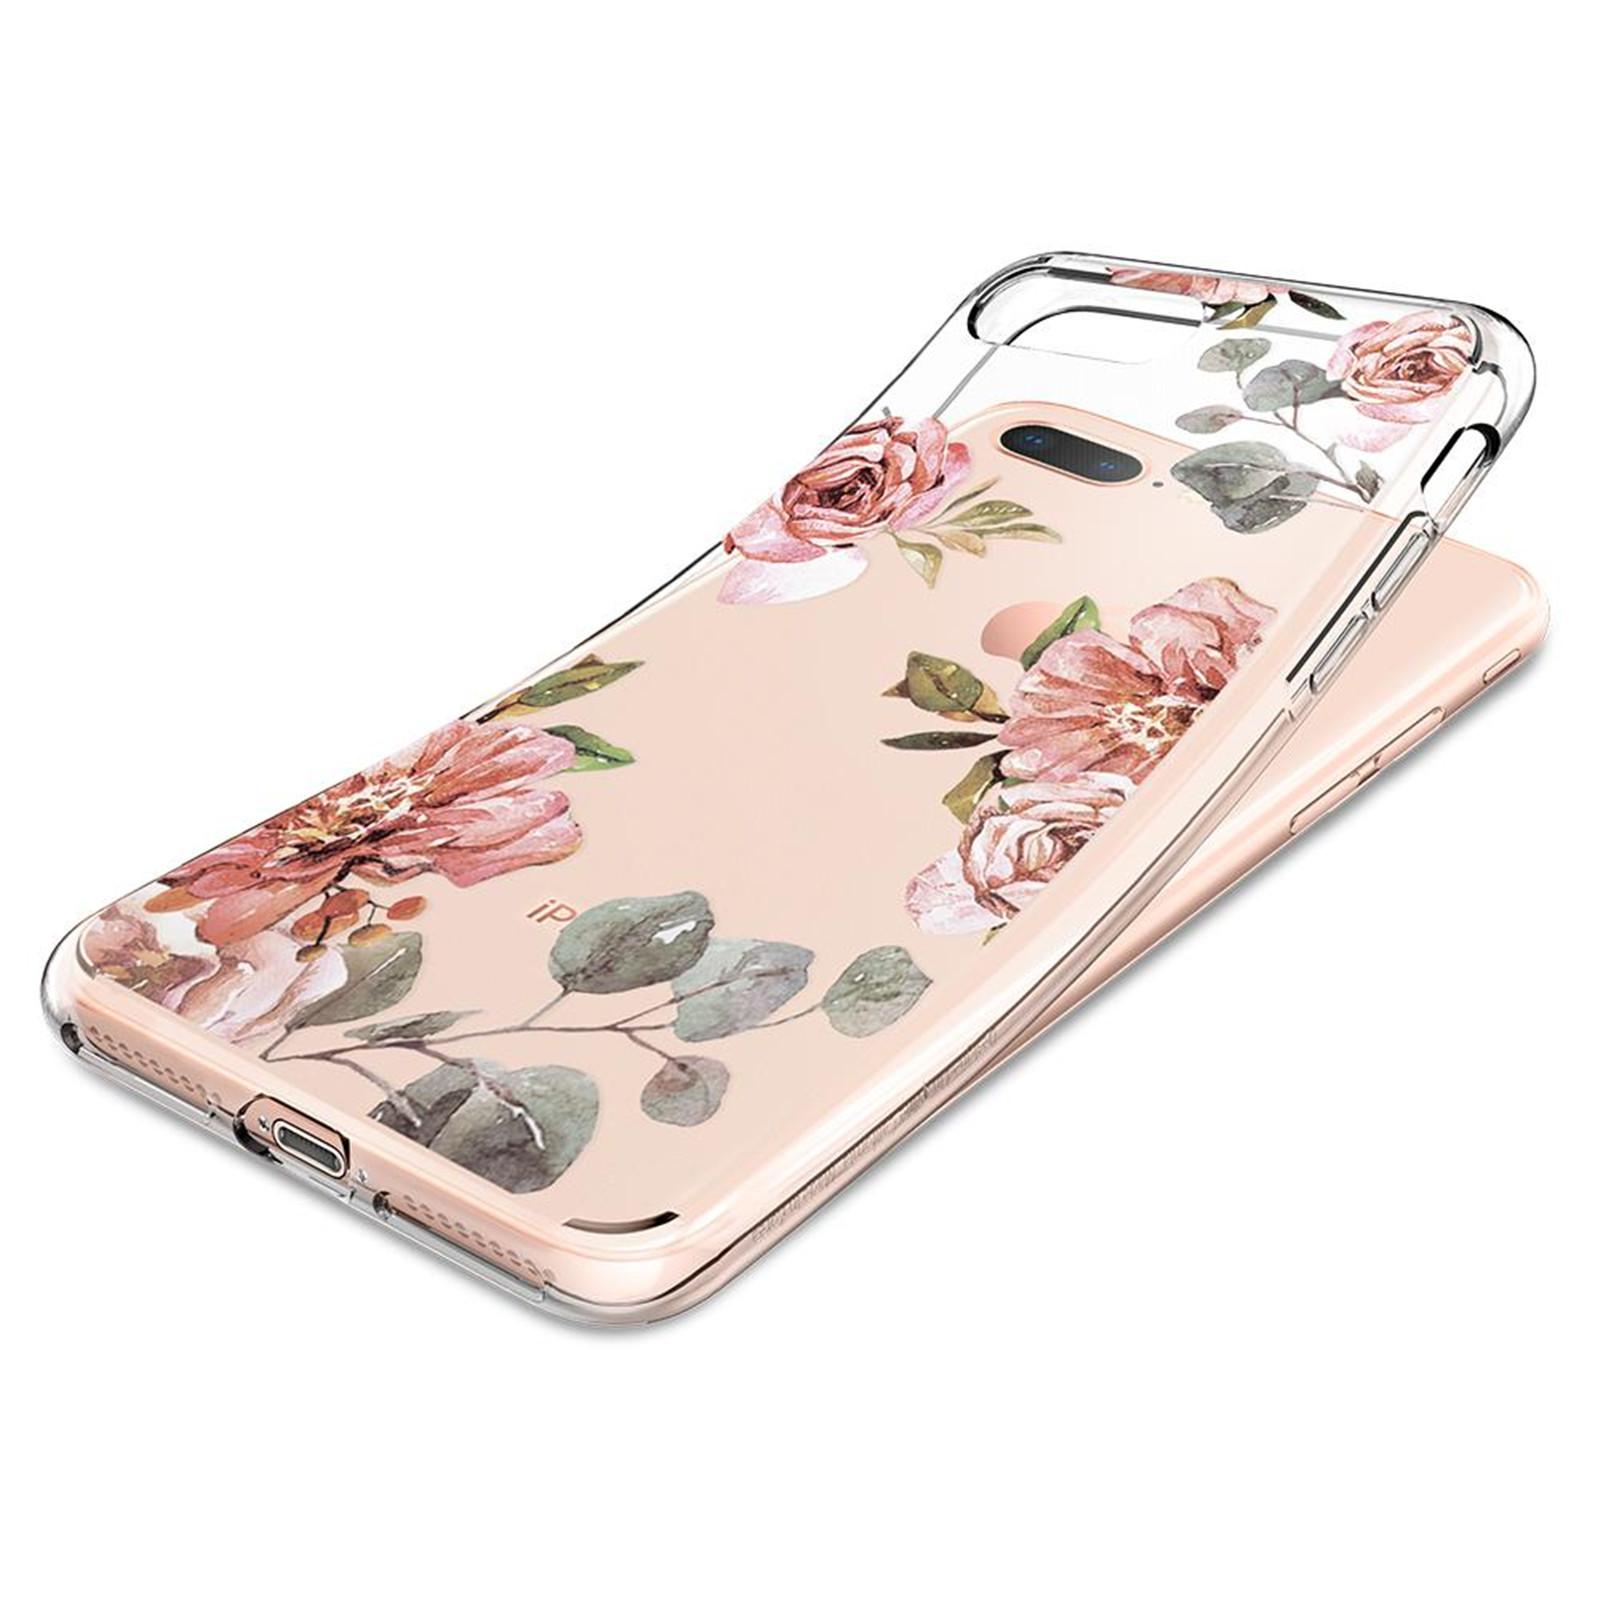 Spigen iPhone 8 Plus /7 Plus Liquid Crystal Case Aquarelle Rose image